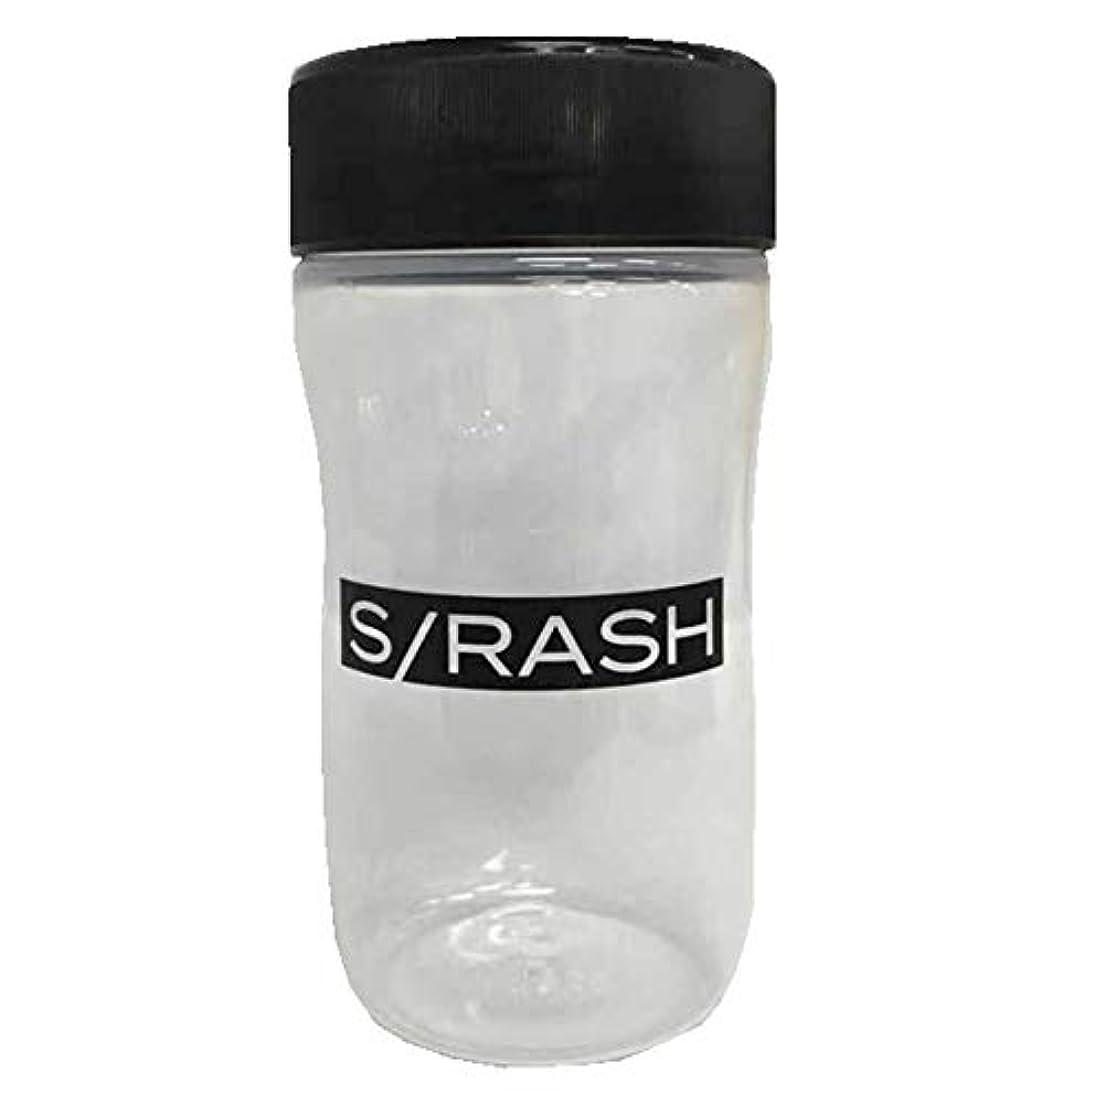 整然とした雨の静かに【スラッシュ】 S/RASH プロテインシェイカー ボトル ランニング トレーニング